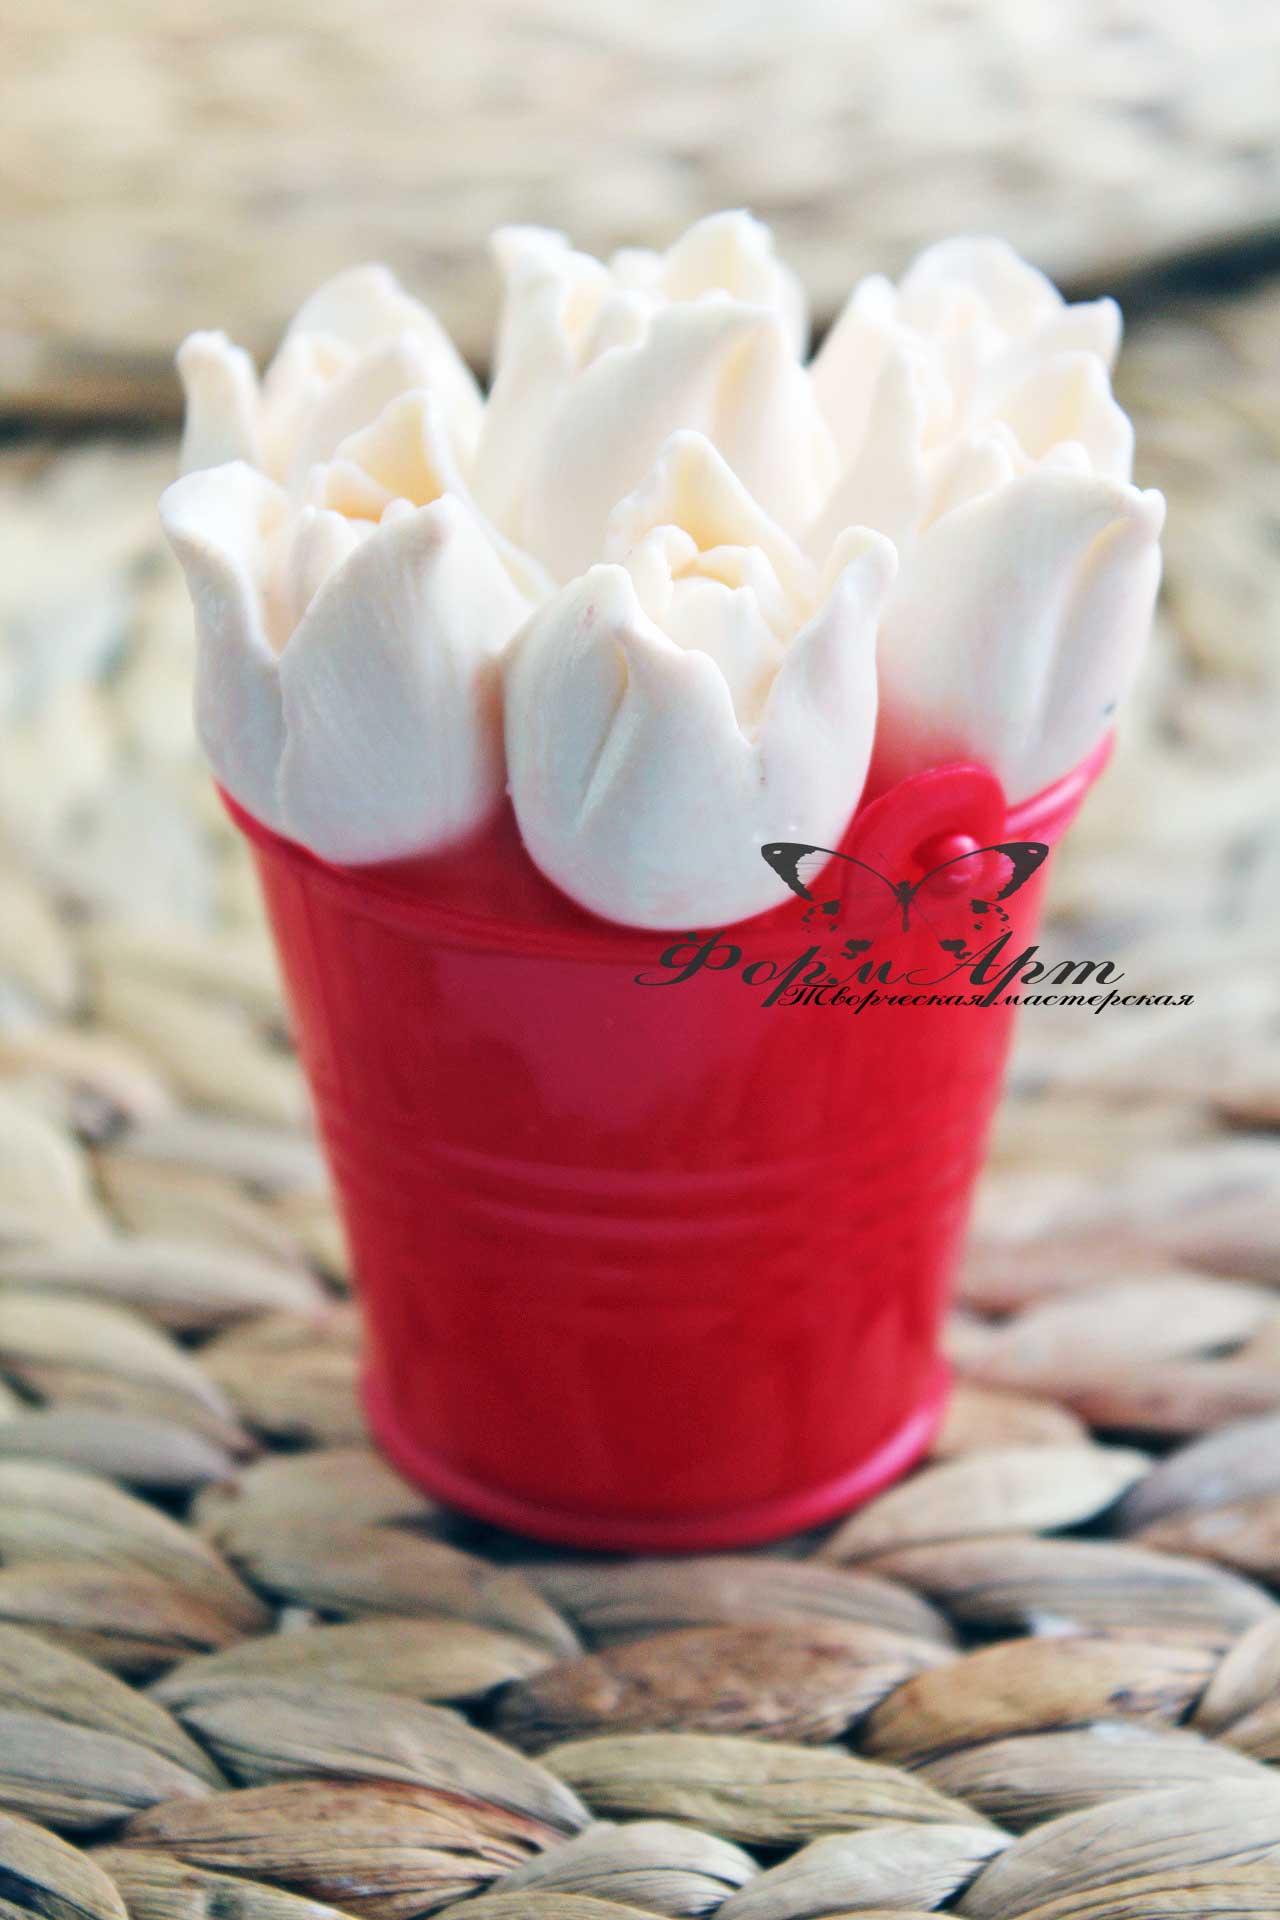 """Силиконовая форма """"Верхушка от Букета из 7 тюльпанов"""" идеально подходит в пластиковые ведерки Высота 5 см, диаметр 6 см. Вес мыла примерно 90 грамм"""